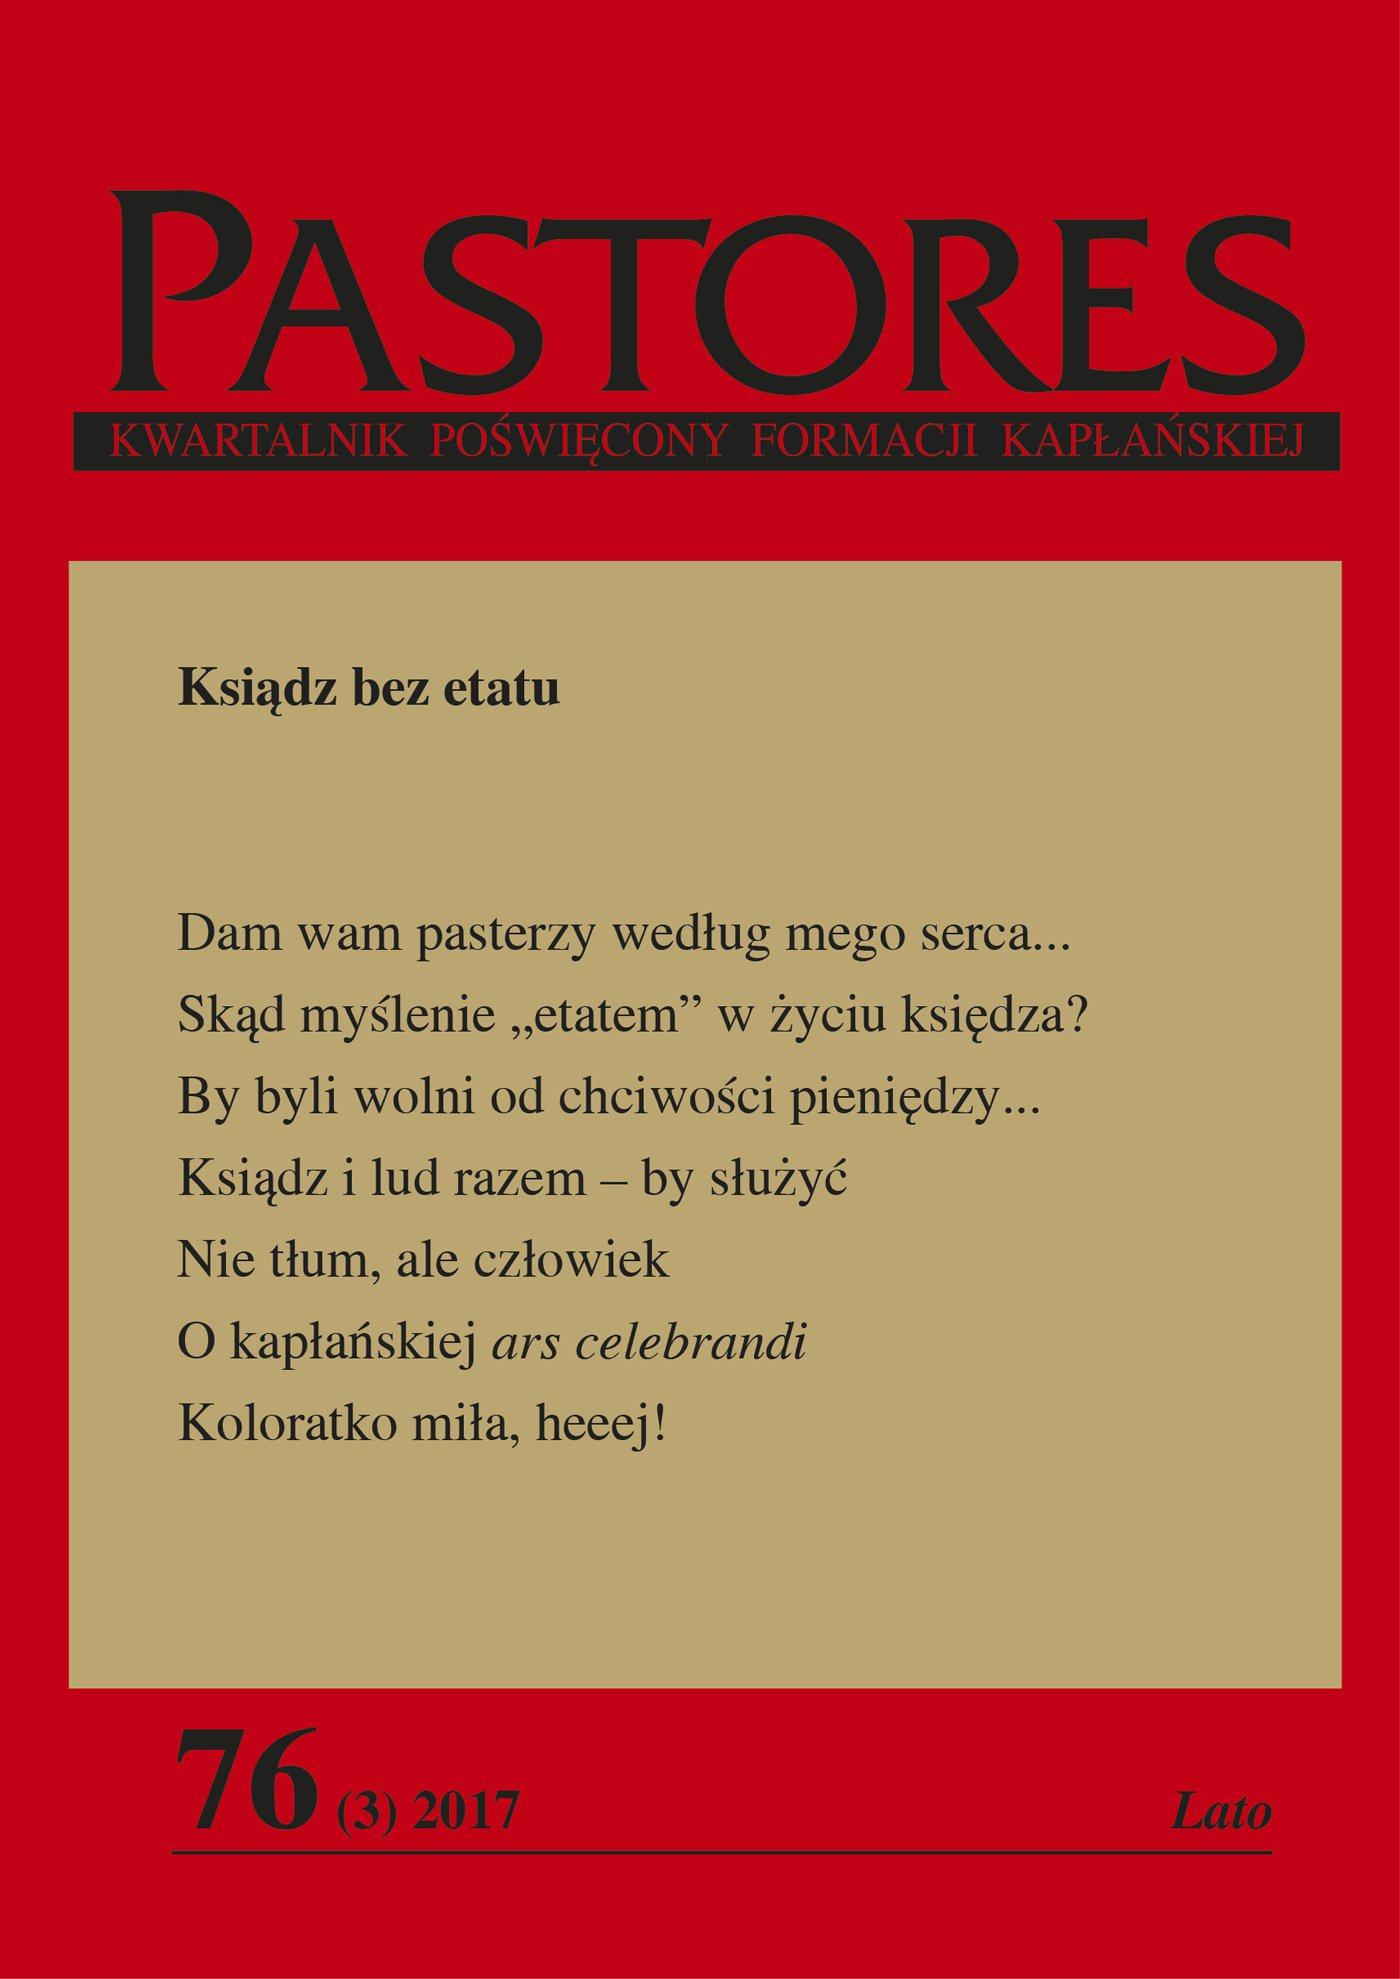 Pastores 76 (3) 2017 - Ebook (Książka EPUB) do pobrania w formacie EPUB